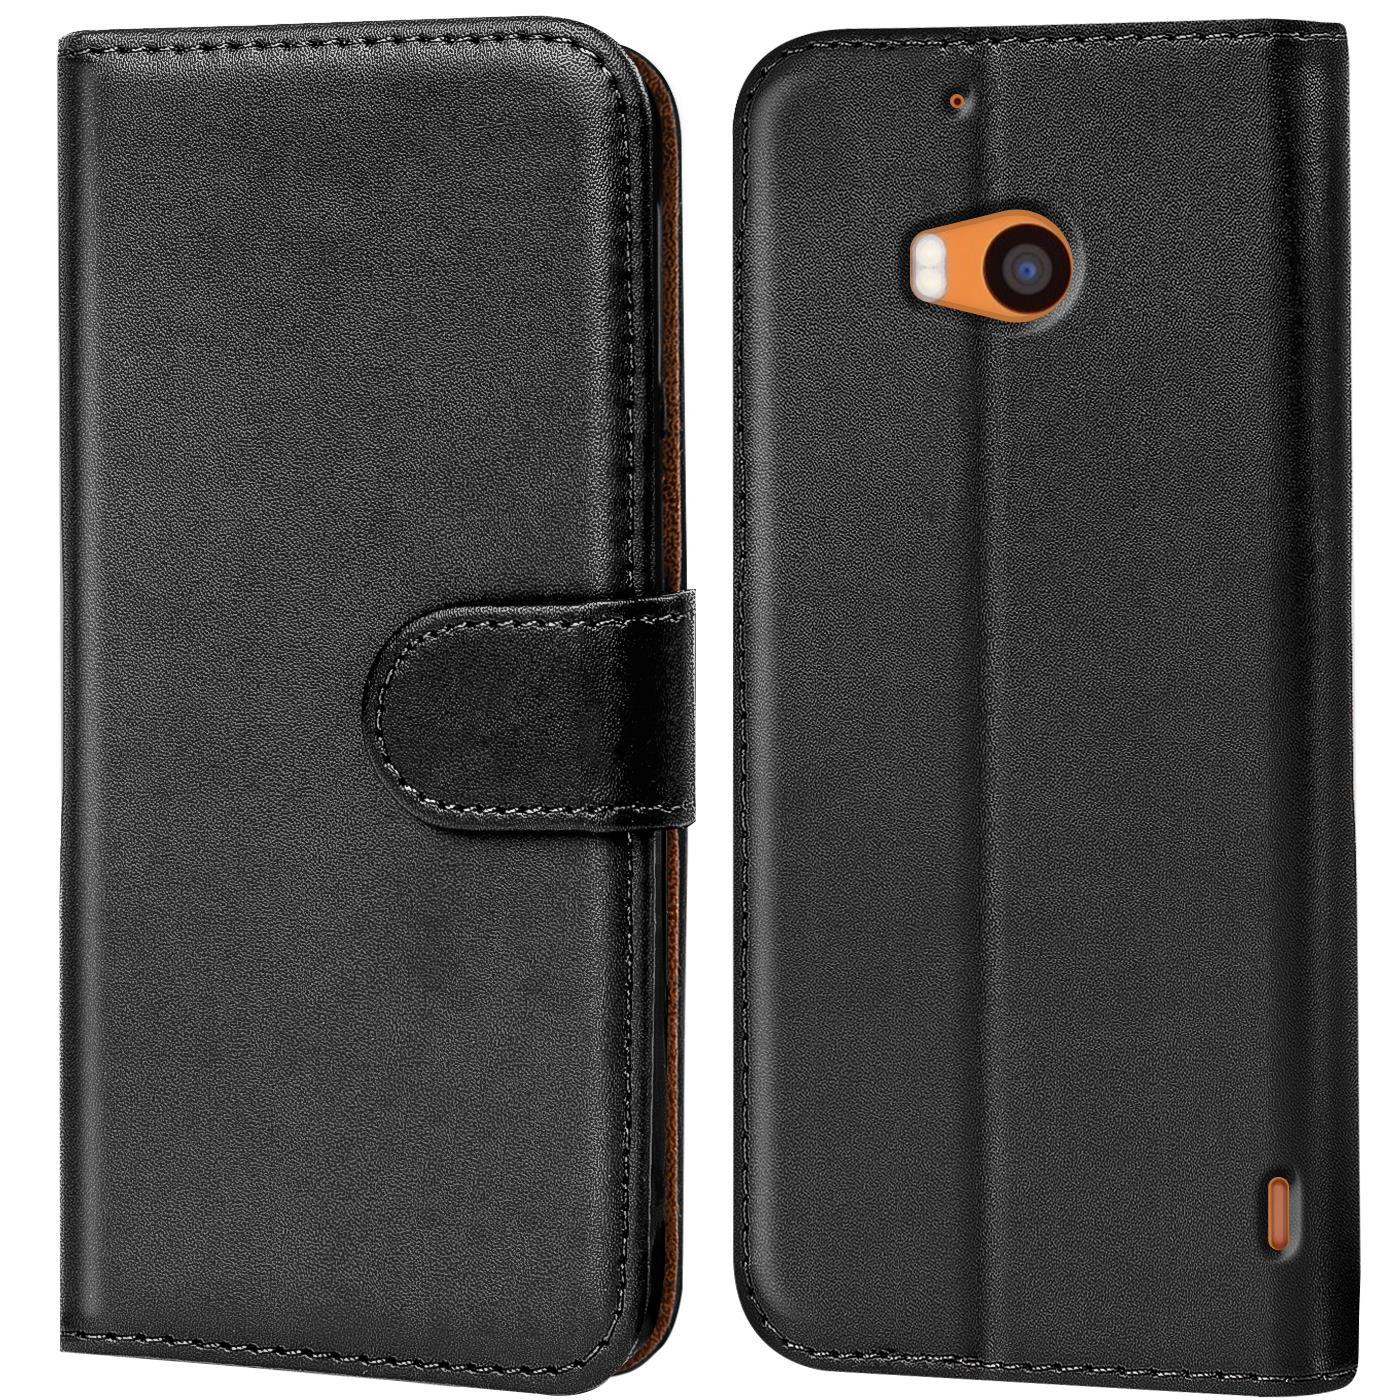 a0fe5539a4c8b Cover Für Tasche Case Schutz Handy Hülle Book 930 Nokia Flip Lumia b6yvYfg7I